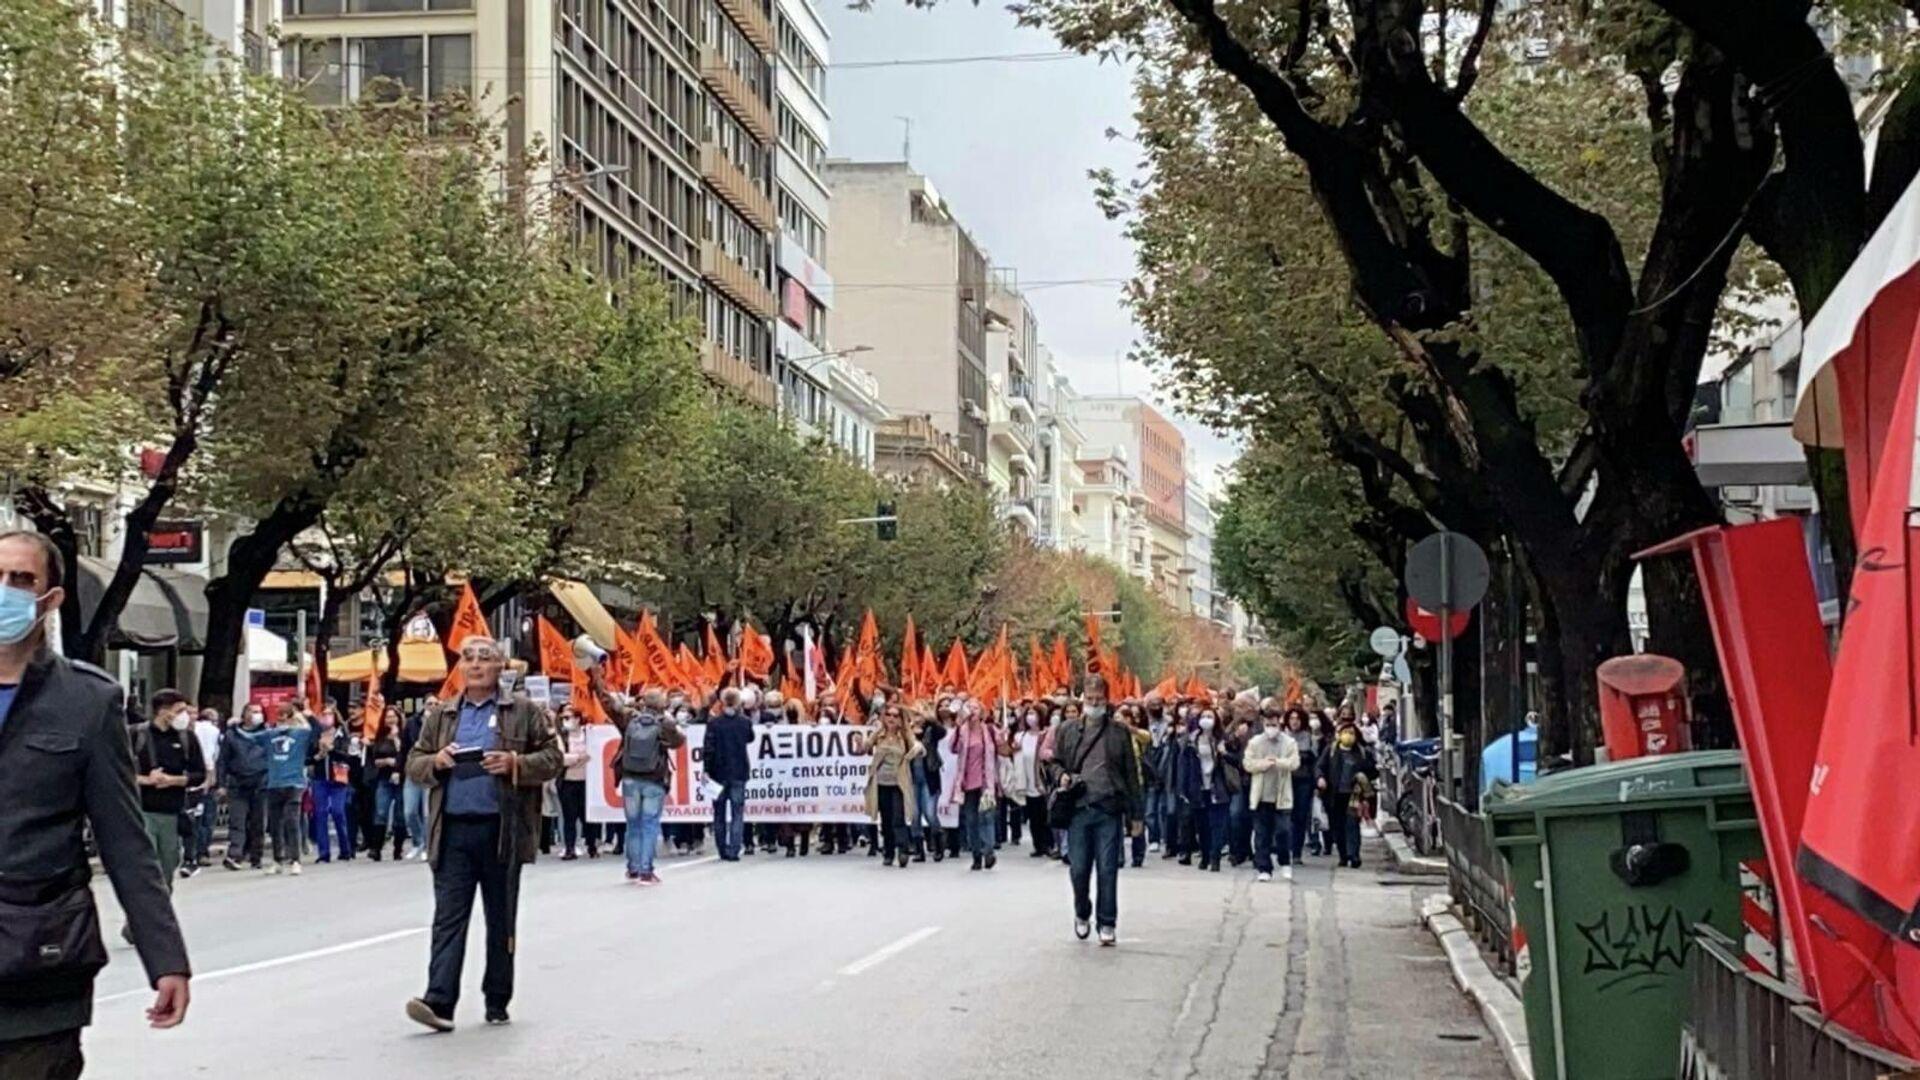 Κινητοποιήσεις των εκπαιδευτικών στη Θεσσαλονίκη - Sputnik Ελλάδα, 1920, 11.10.2021